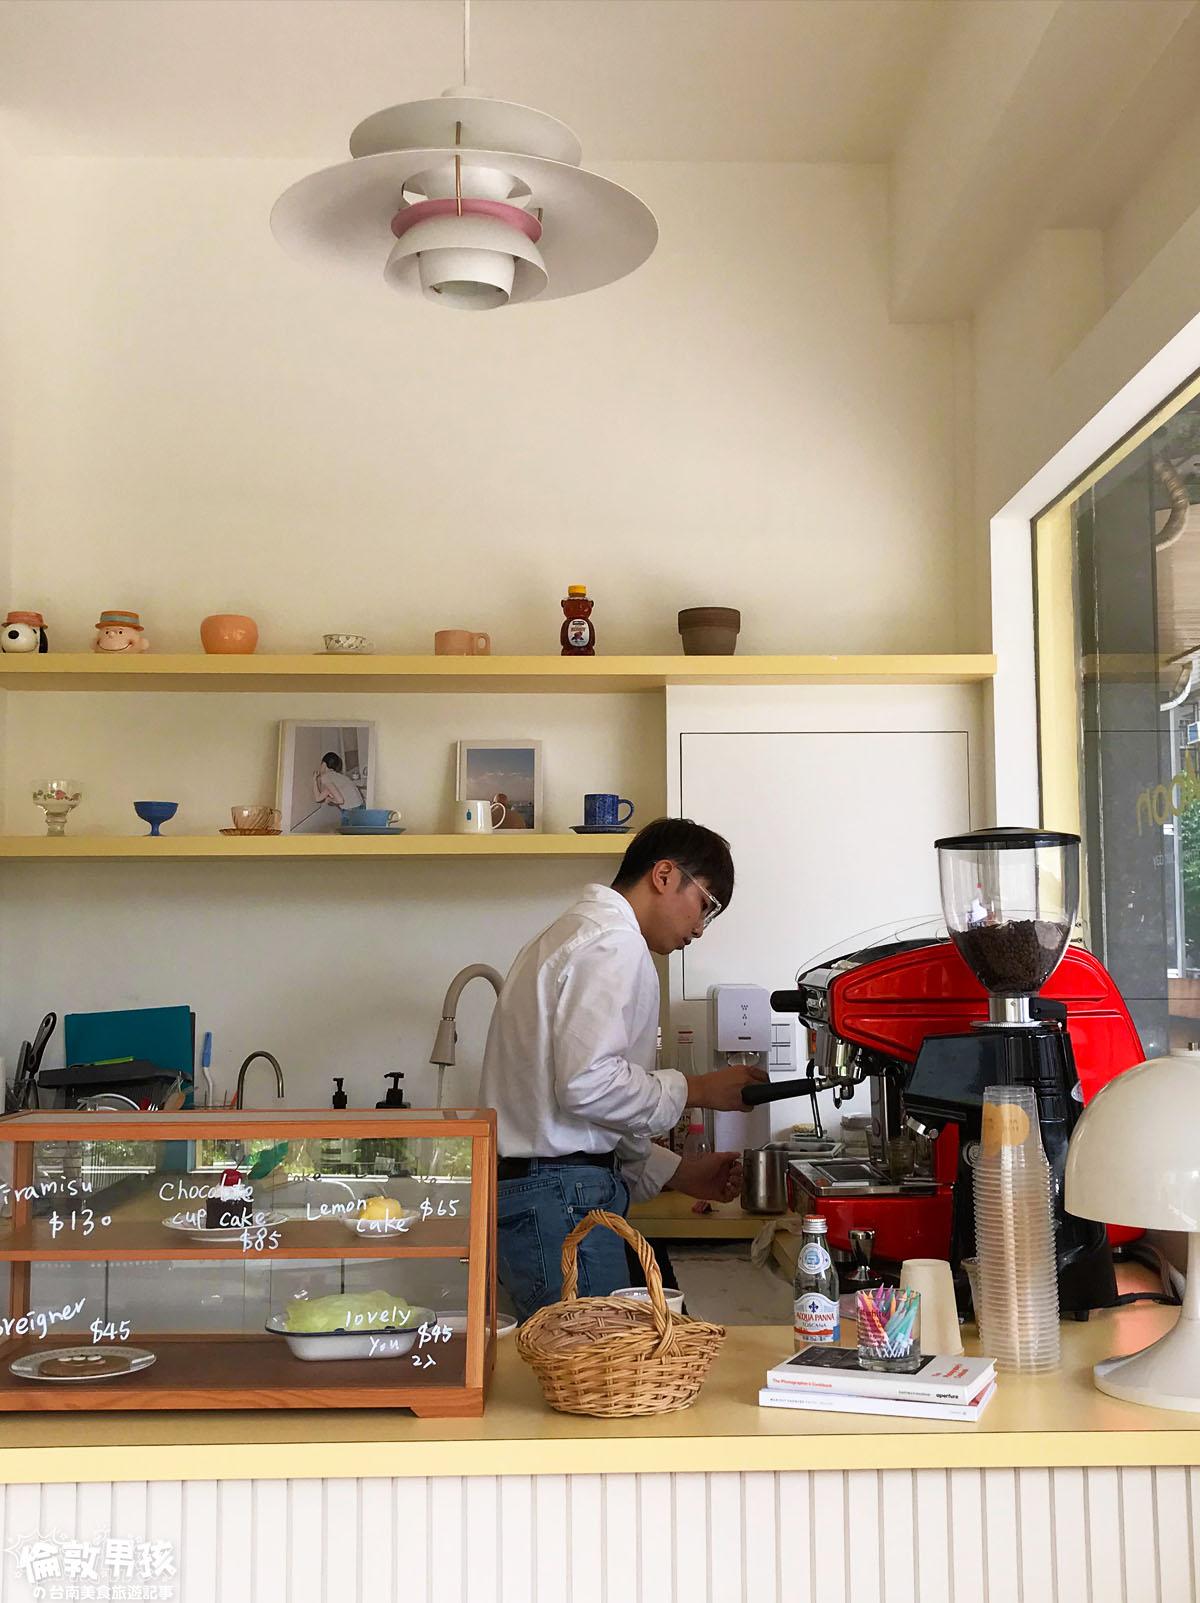 About Moon Café